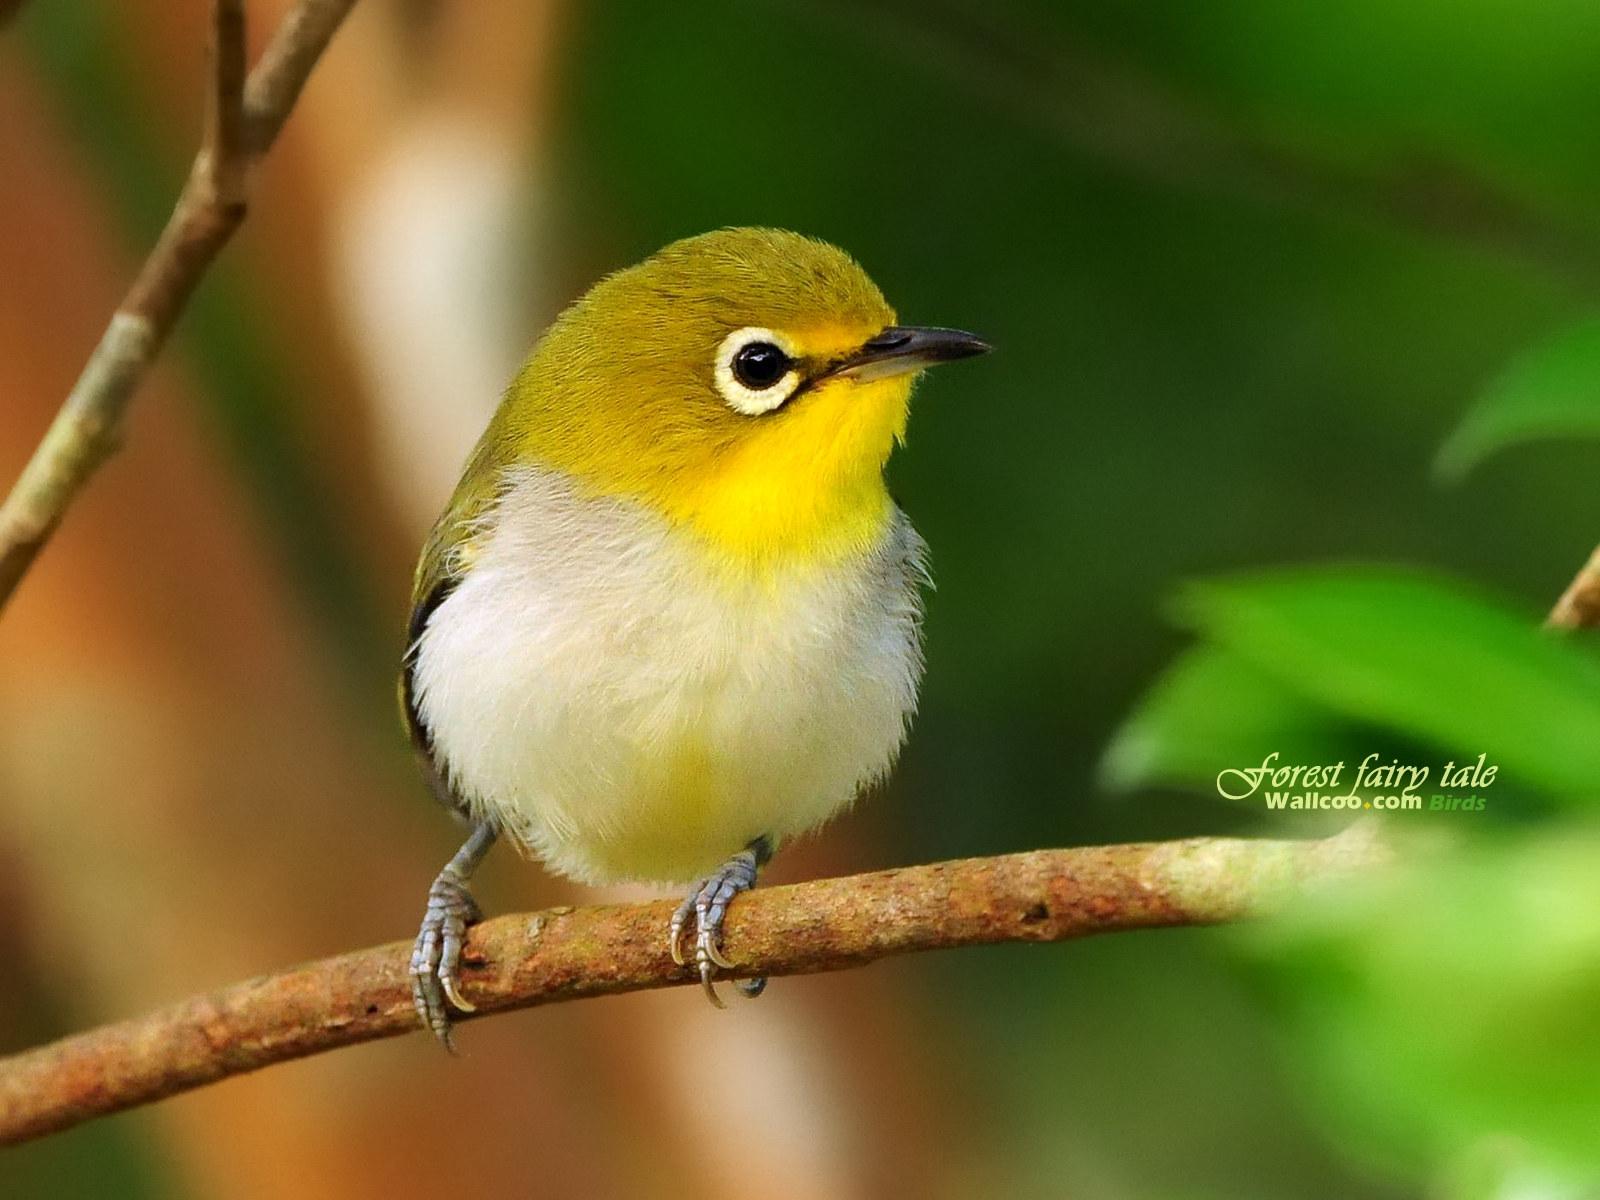 Little Yellow Bird >> Cute Little Yellow Bird Wallpaper Wallpaper Me